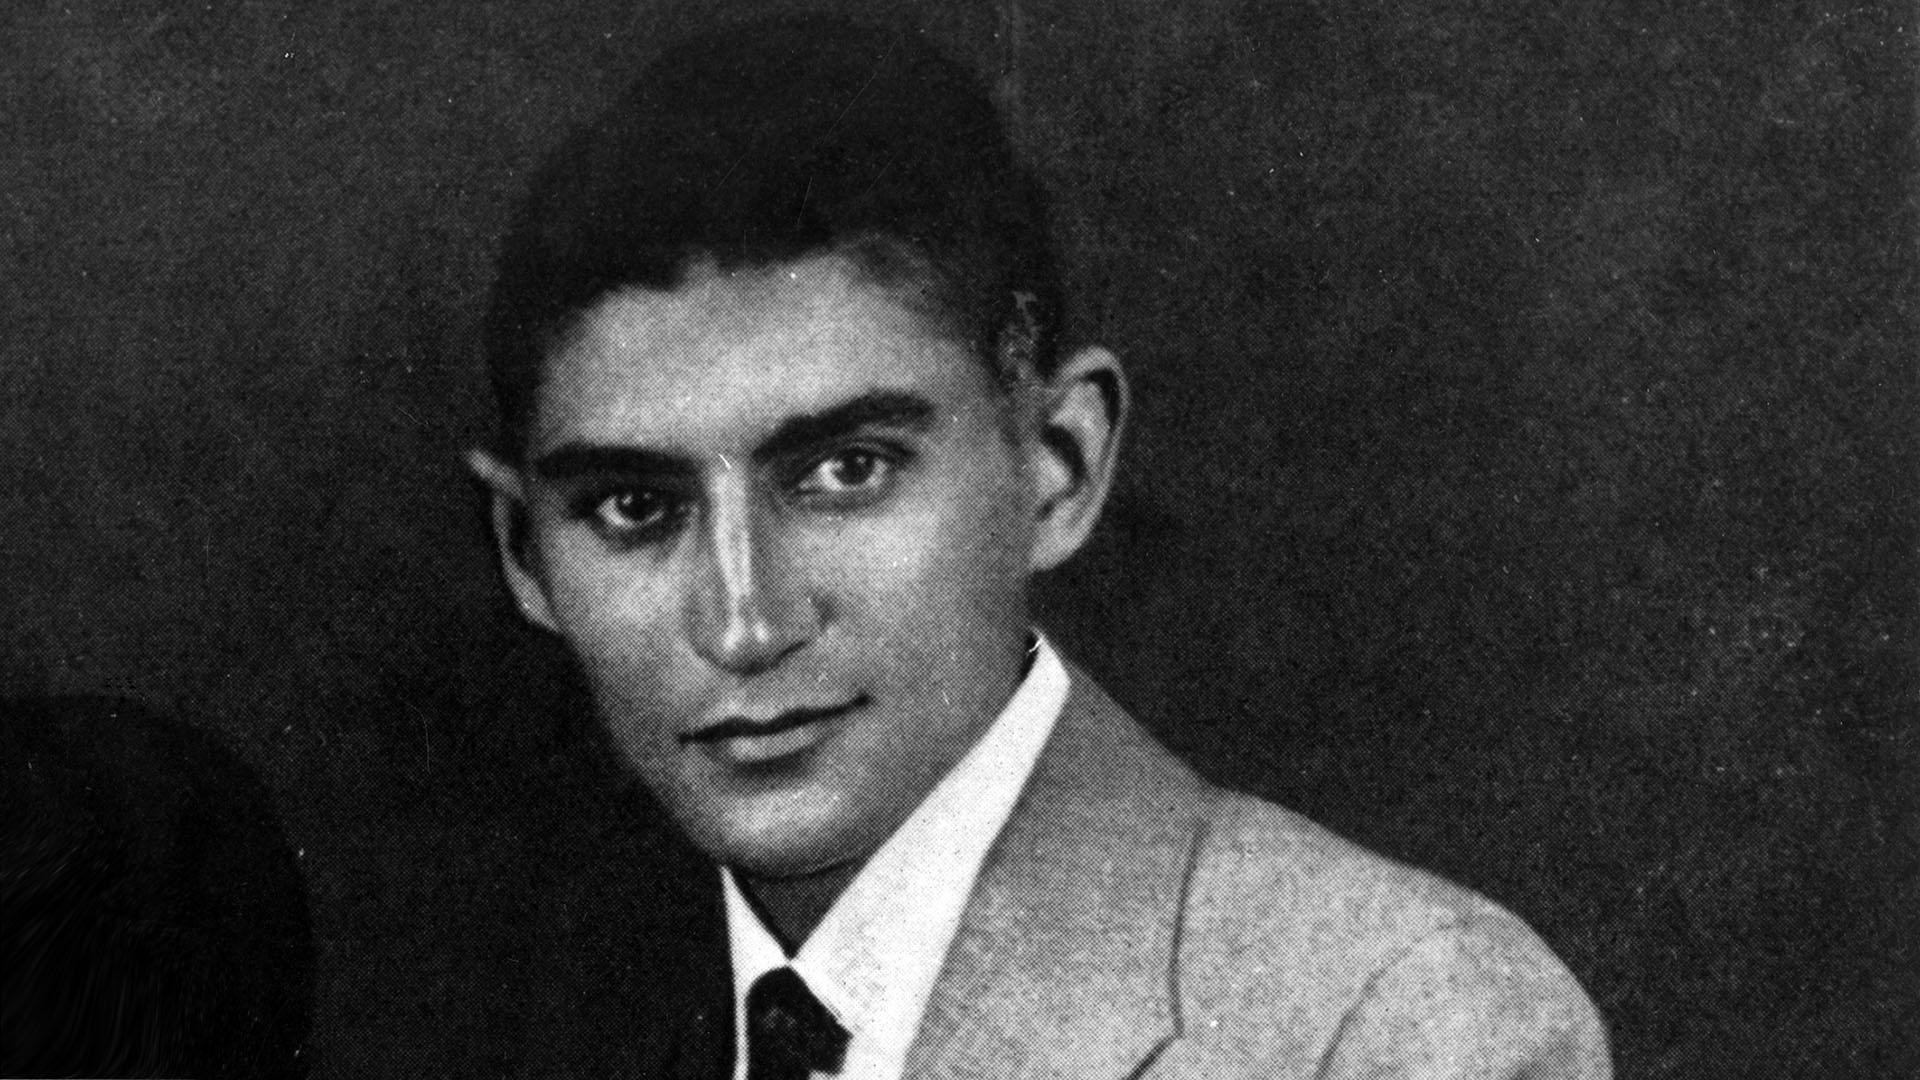 Az interneten bárki elérheti Franz Kafka irodalmi hagyatékát